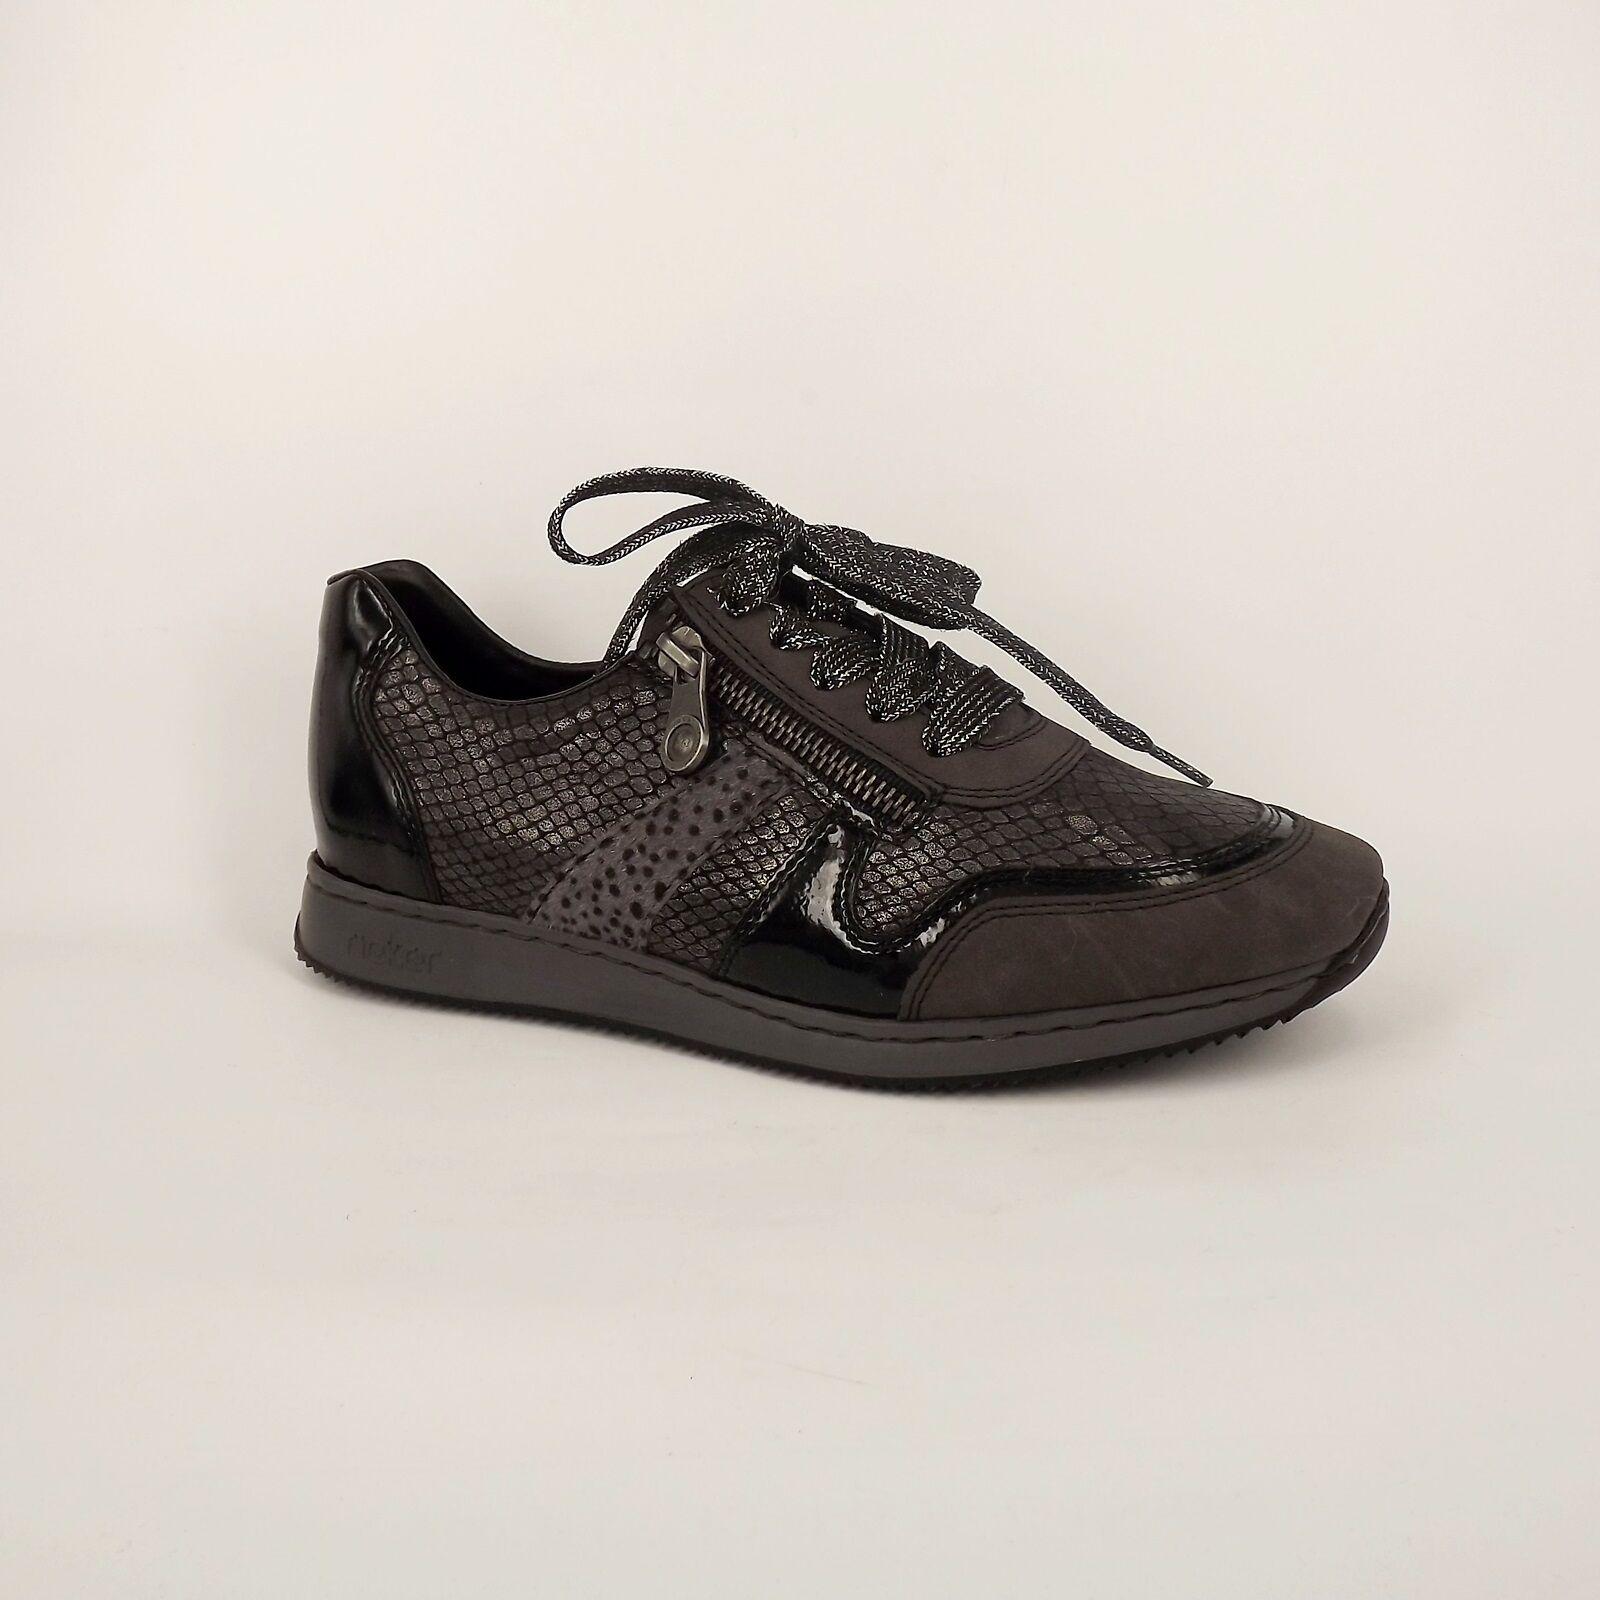 Rieker - 56001 - Sneaker - Grau